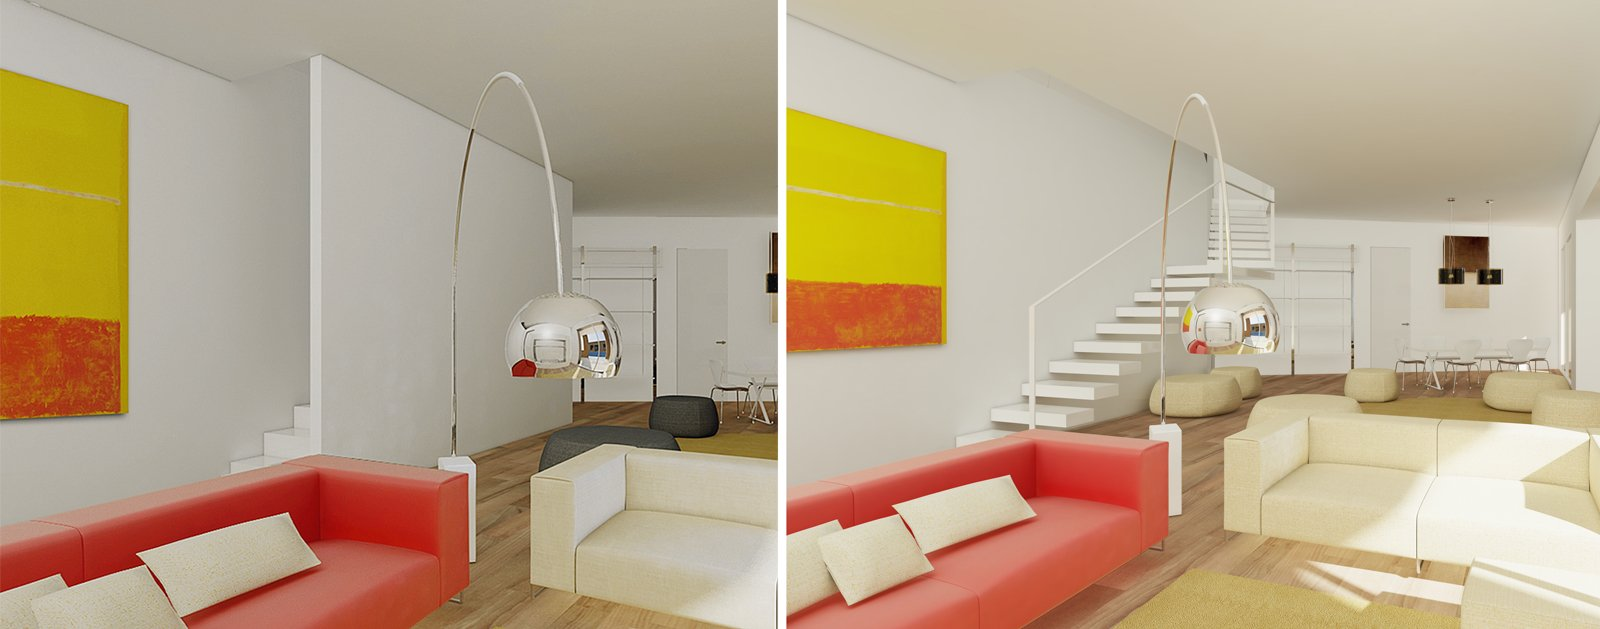 Finest pitturare soggiorno soggiorno con angolo cottura for Idee per arredare salone